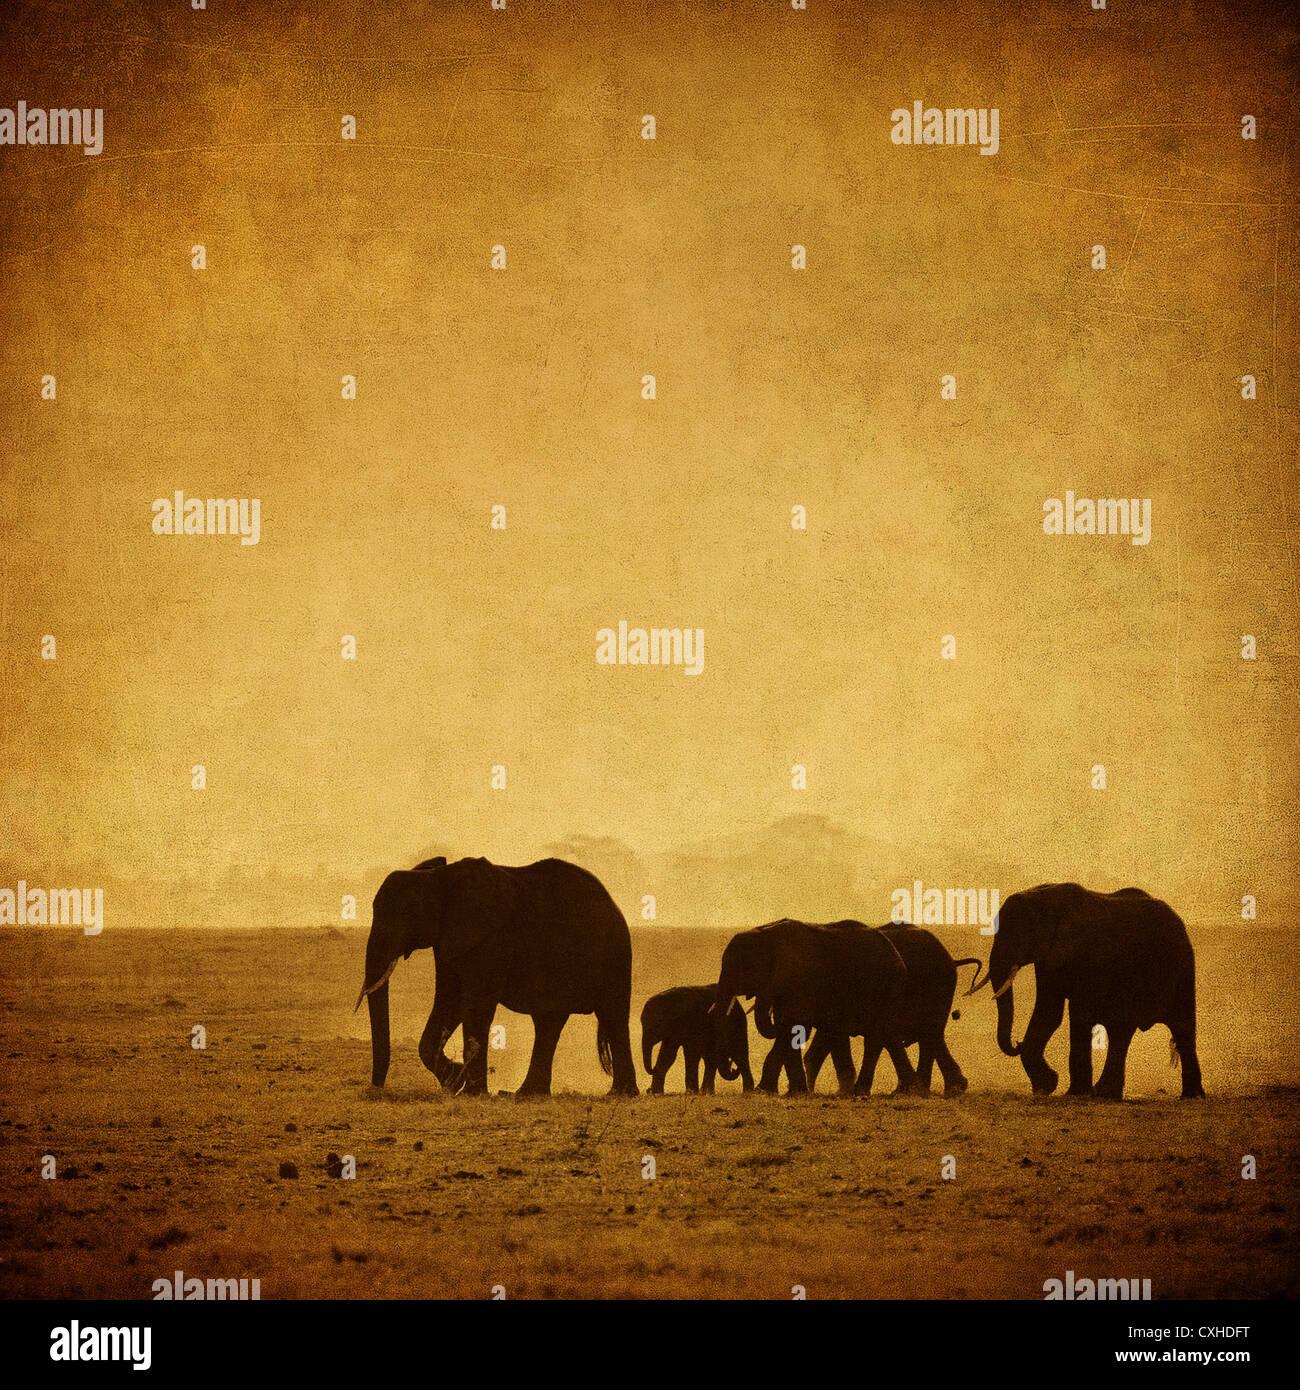 die Elefantenfamilie Stockbild